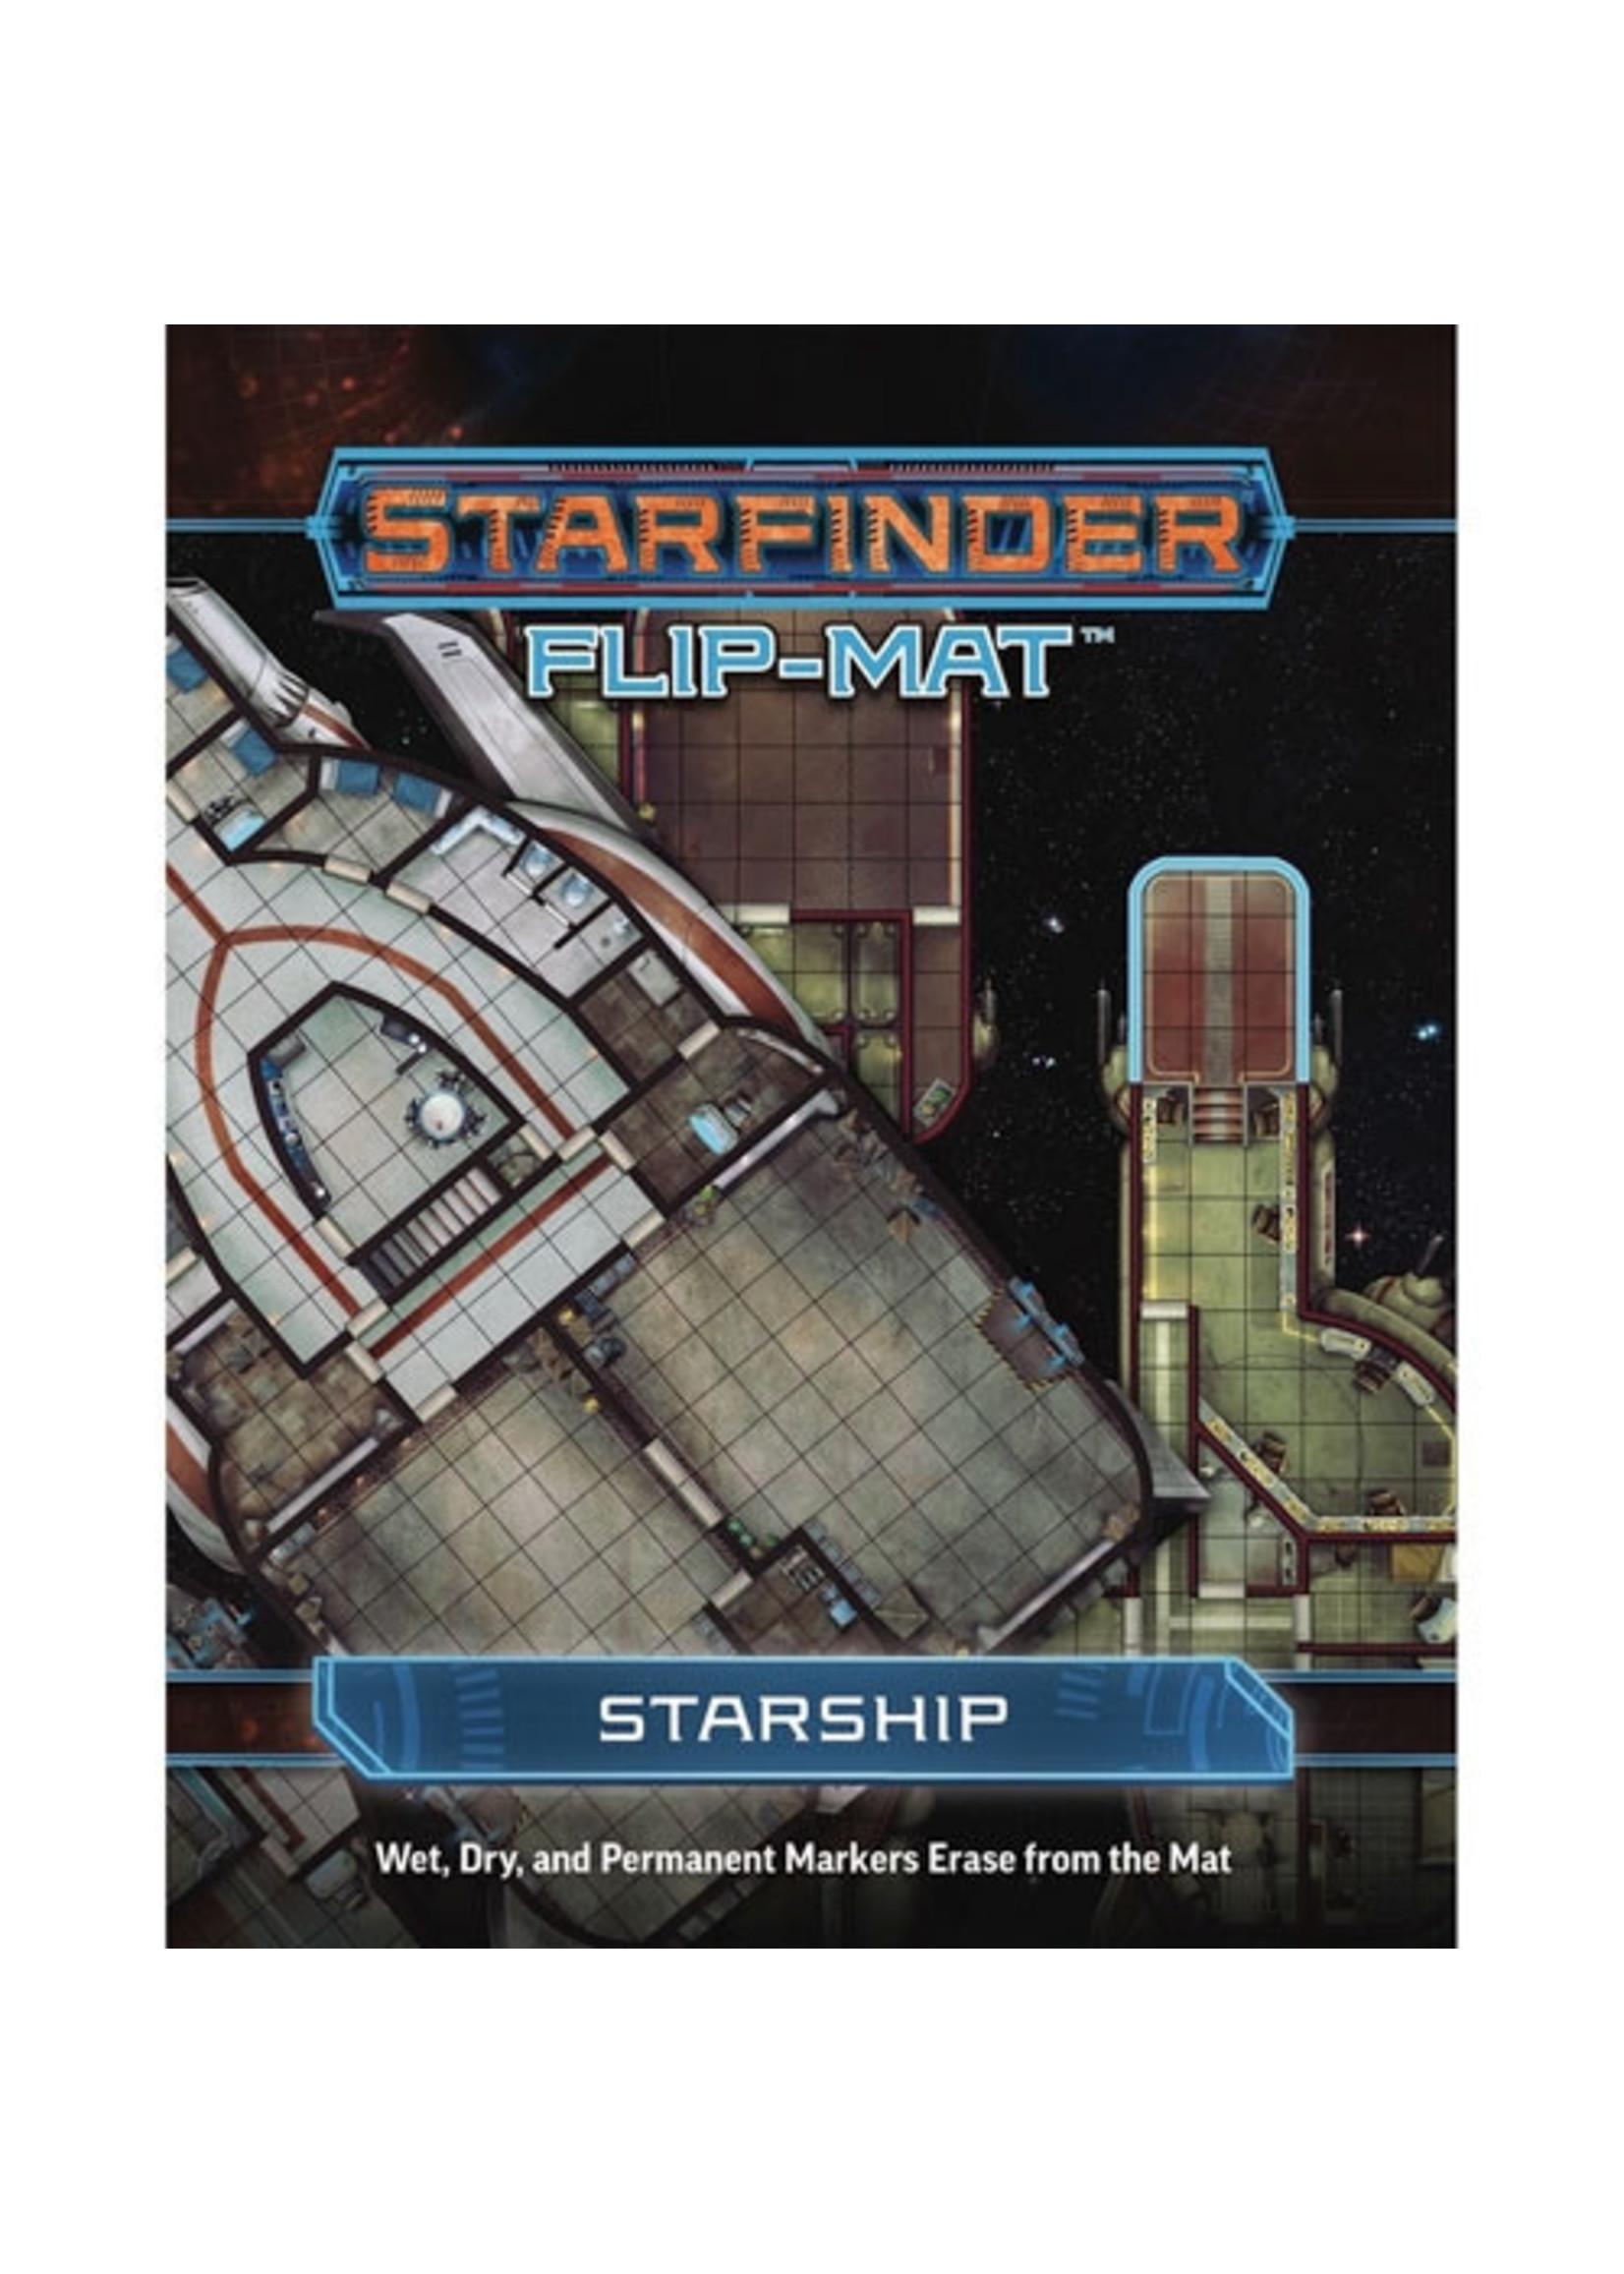 Starfinder RPG: Flip-Mat - Starship